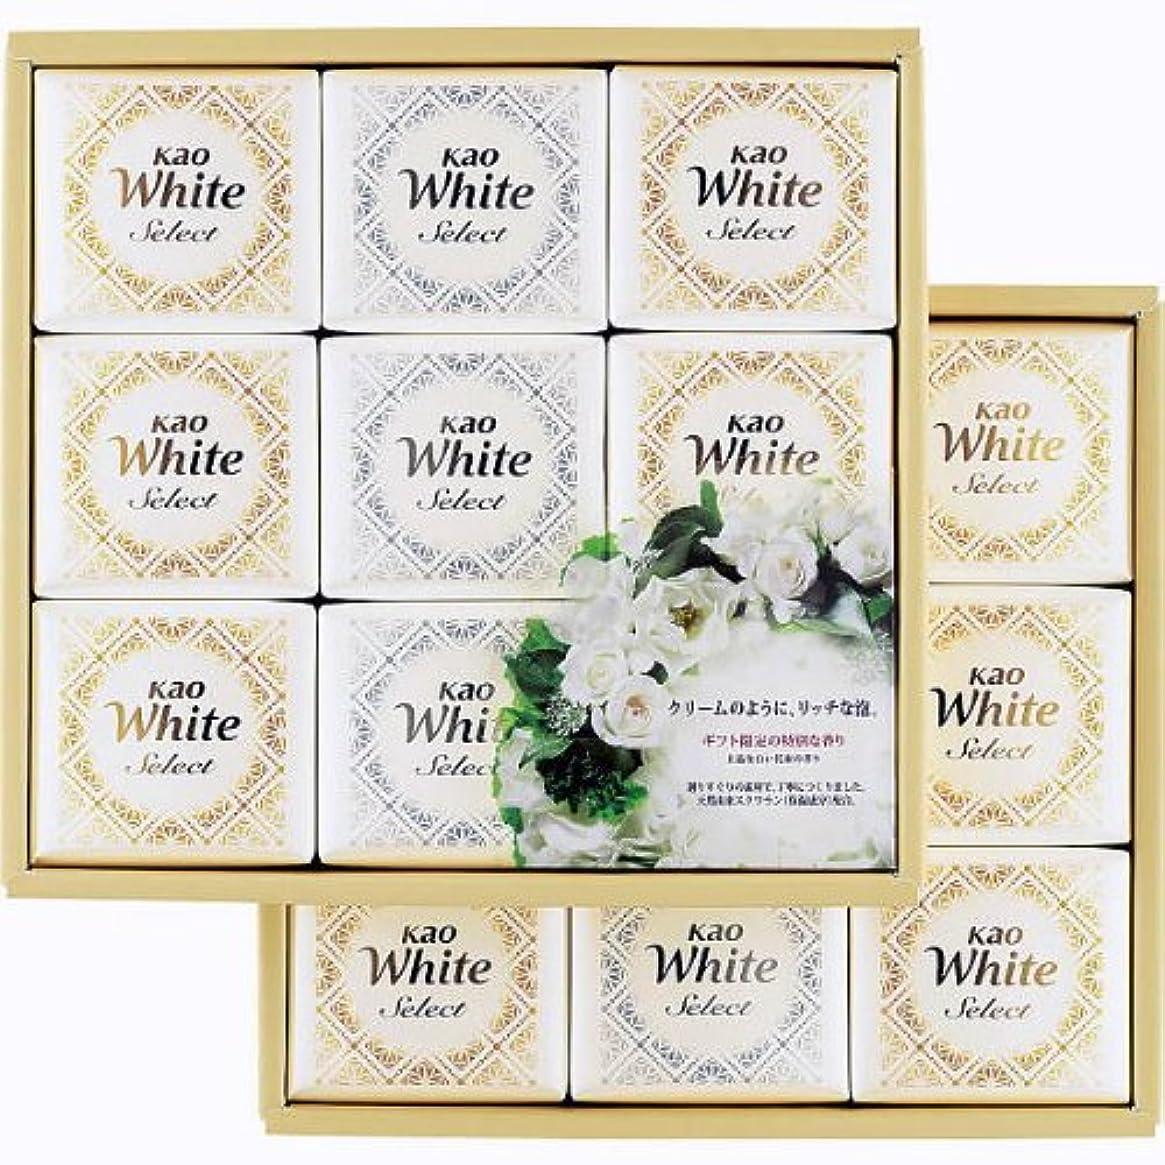 めまいひもに対処する花王 ホワイトセレクト